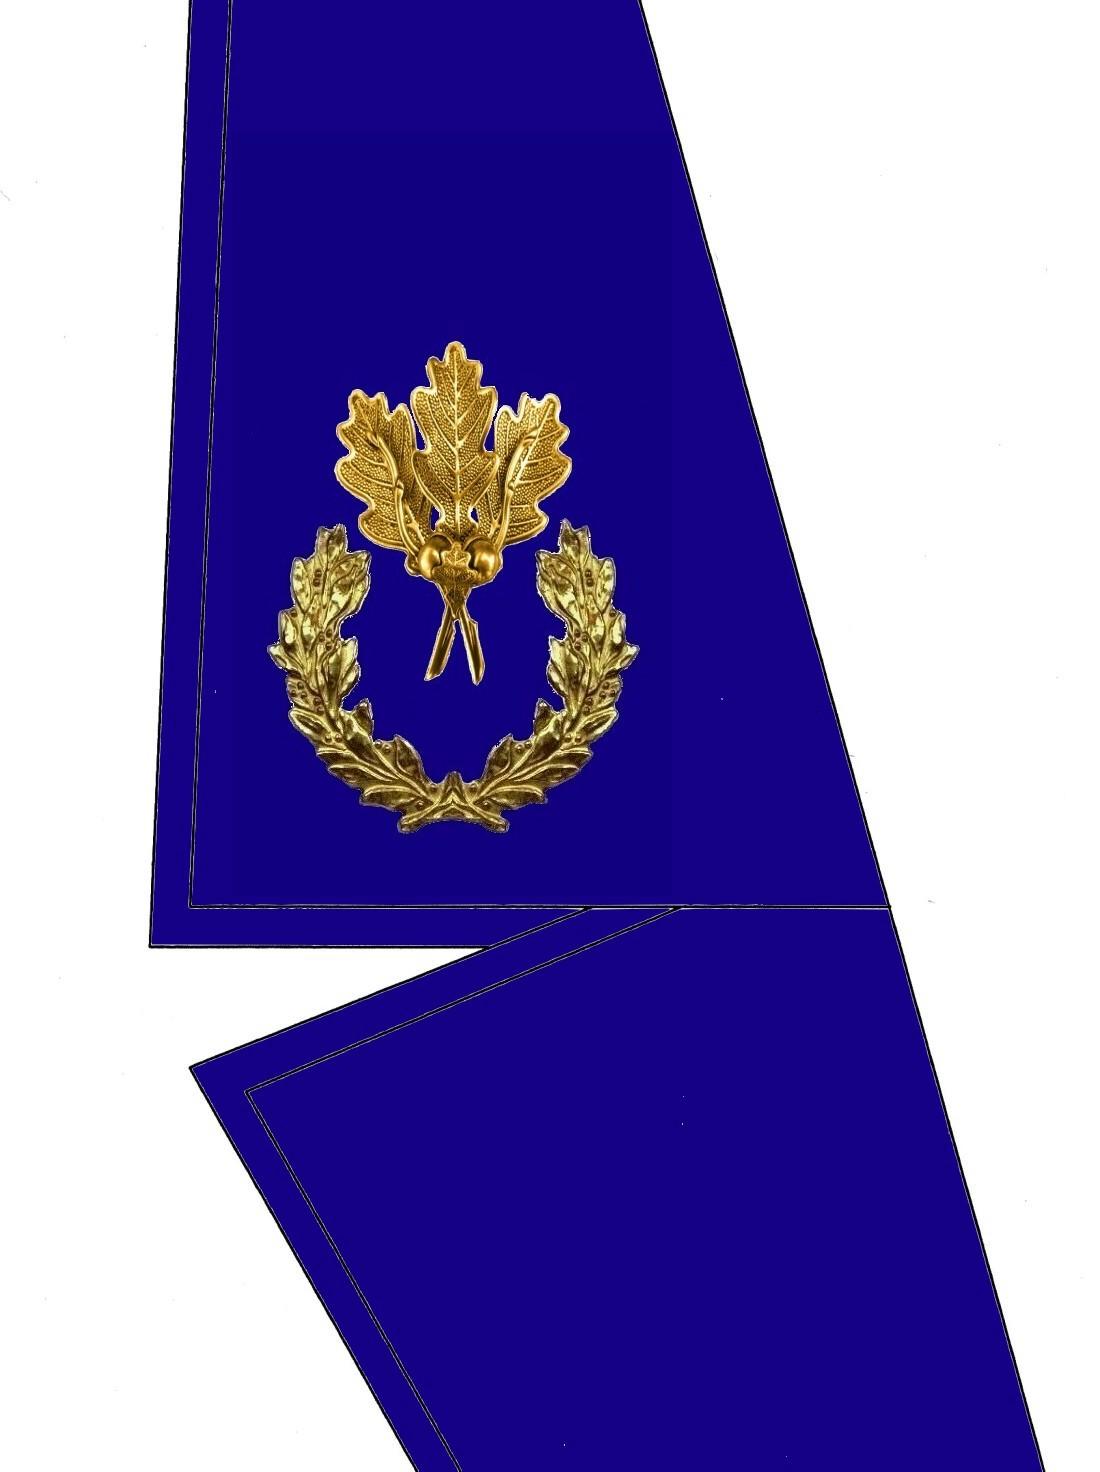 0105-kragen-rangabzeichen-botschafter-hg-blau